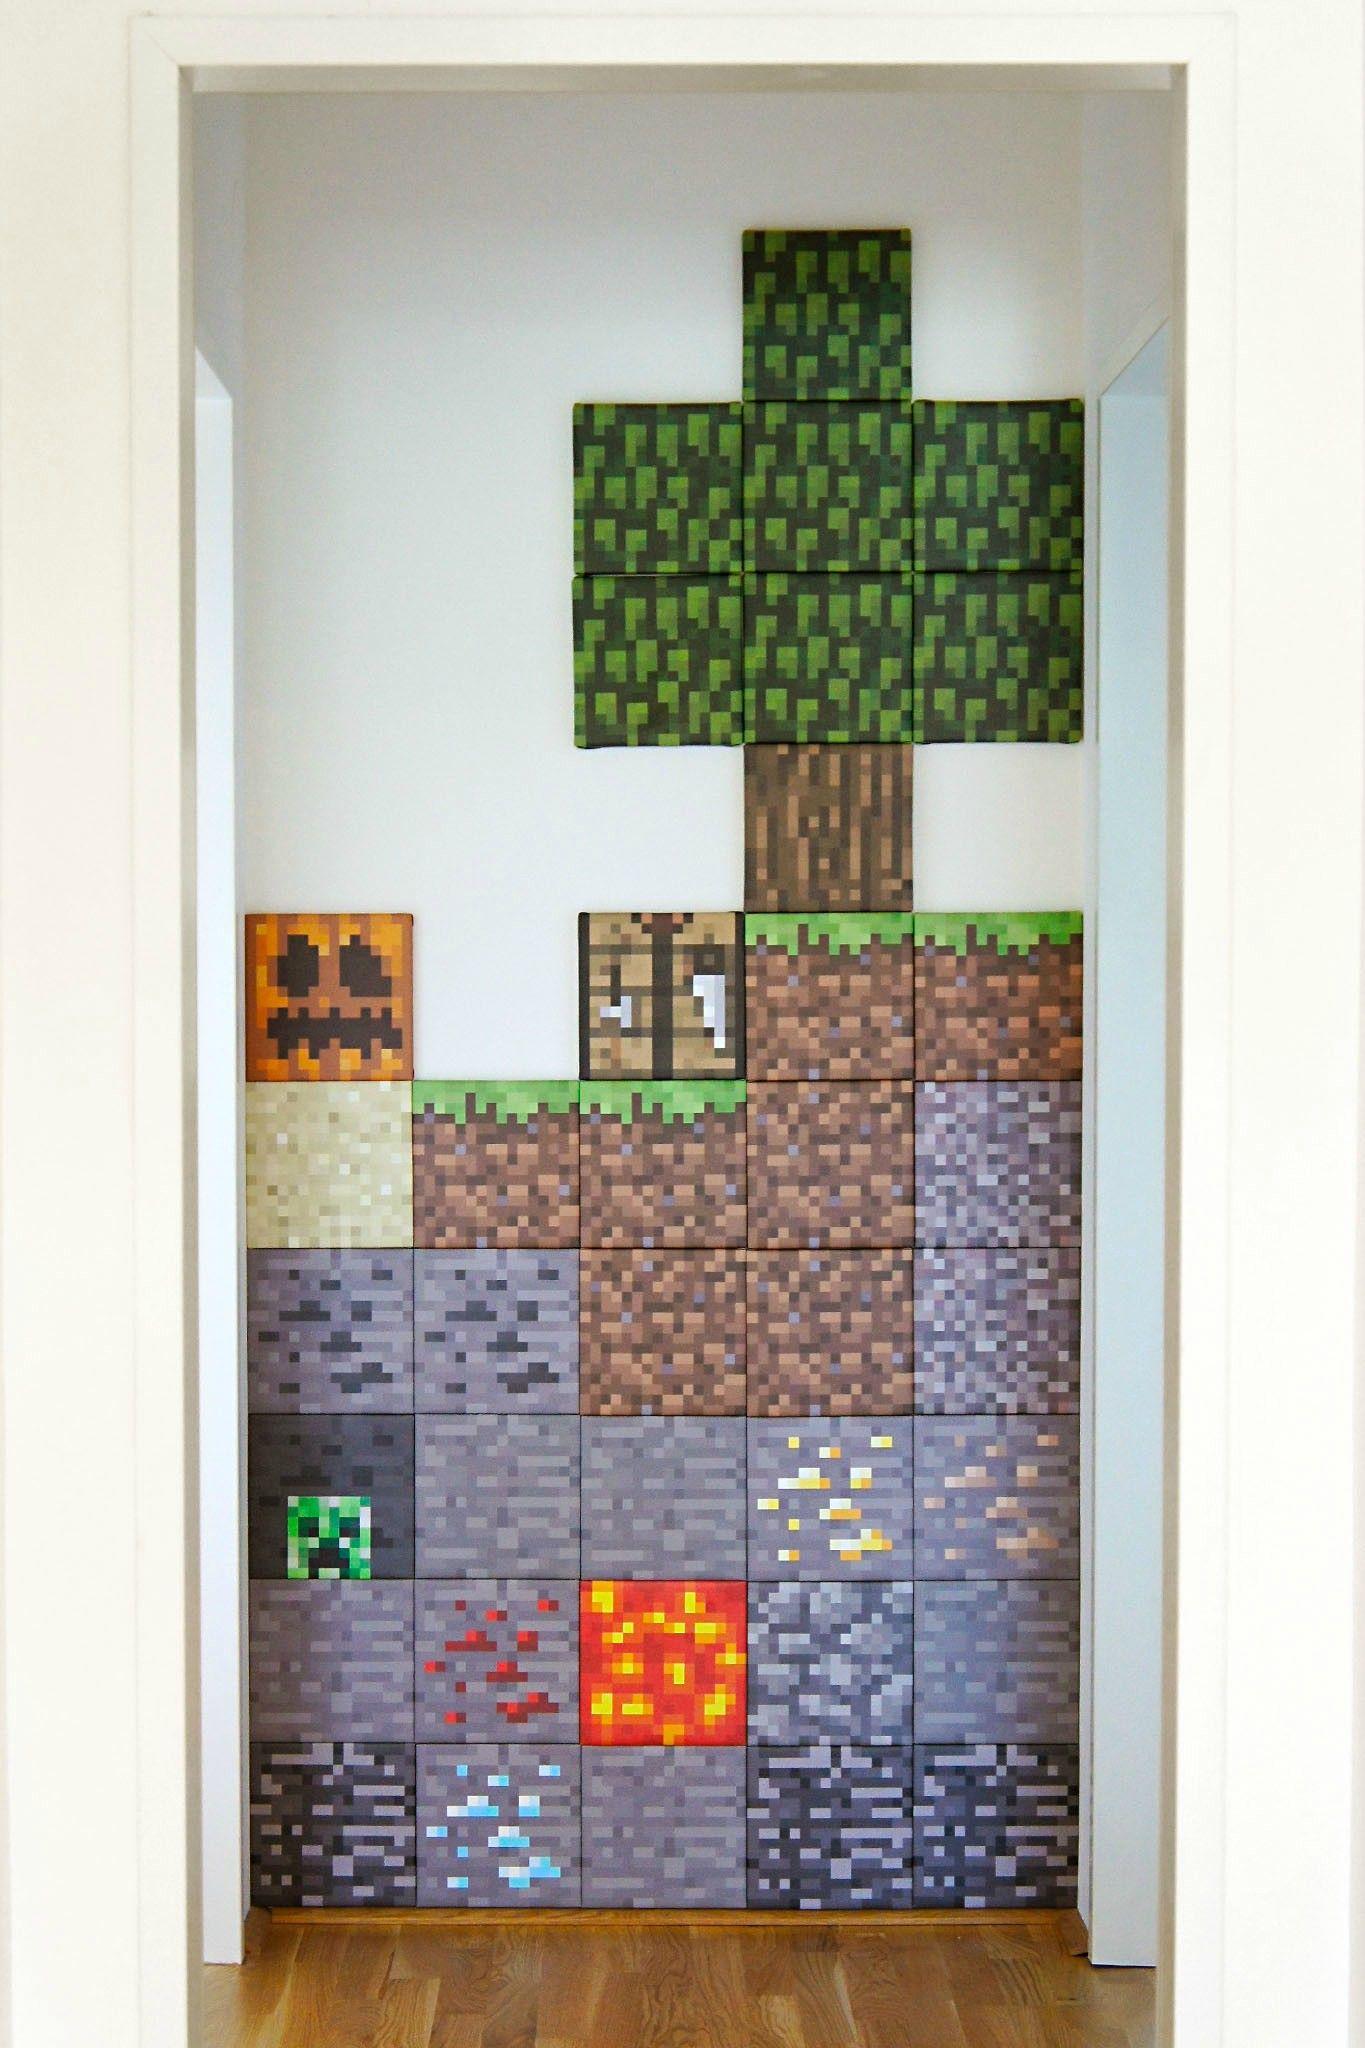 Storage Room Design Ideas Minecraft House: Minecraft Wall, Minecraft